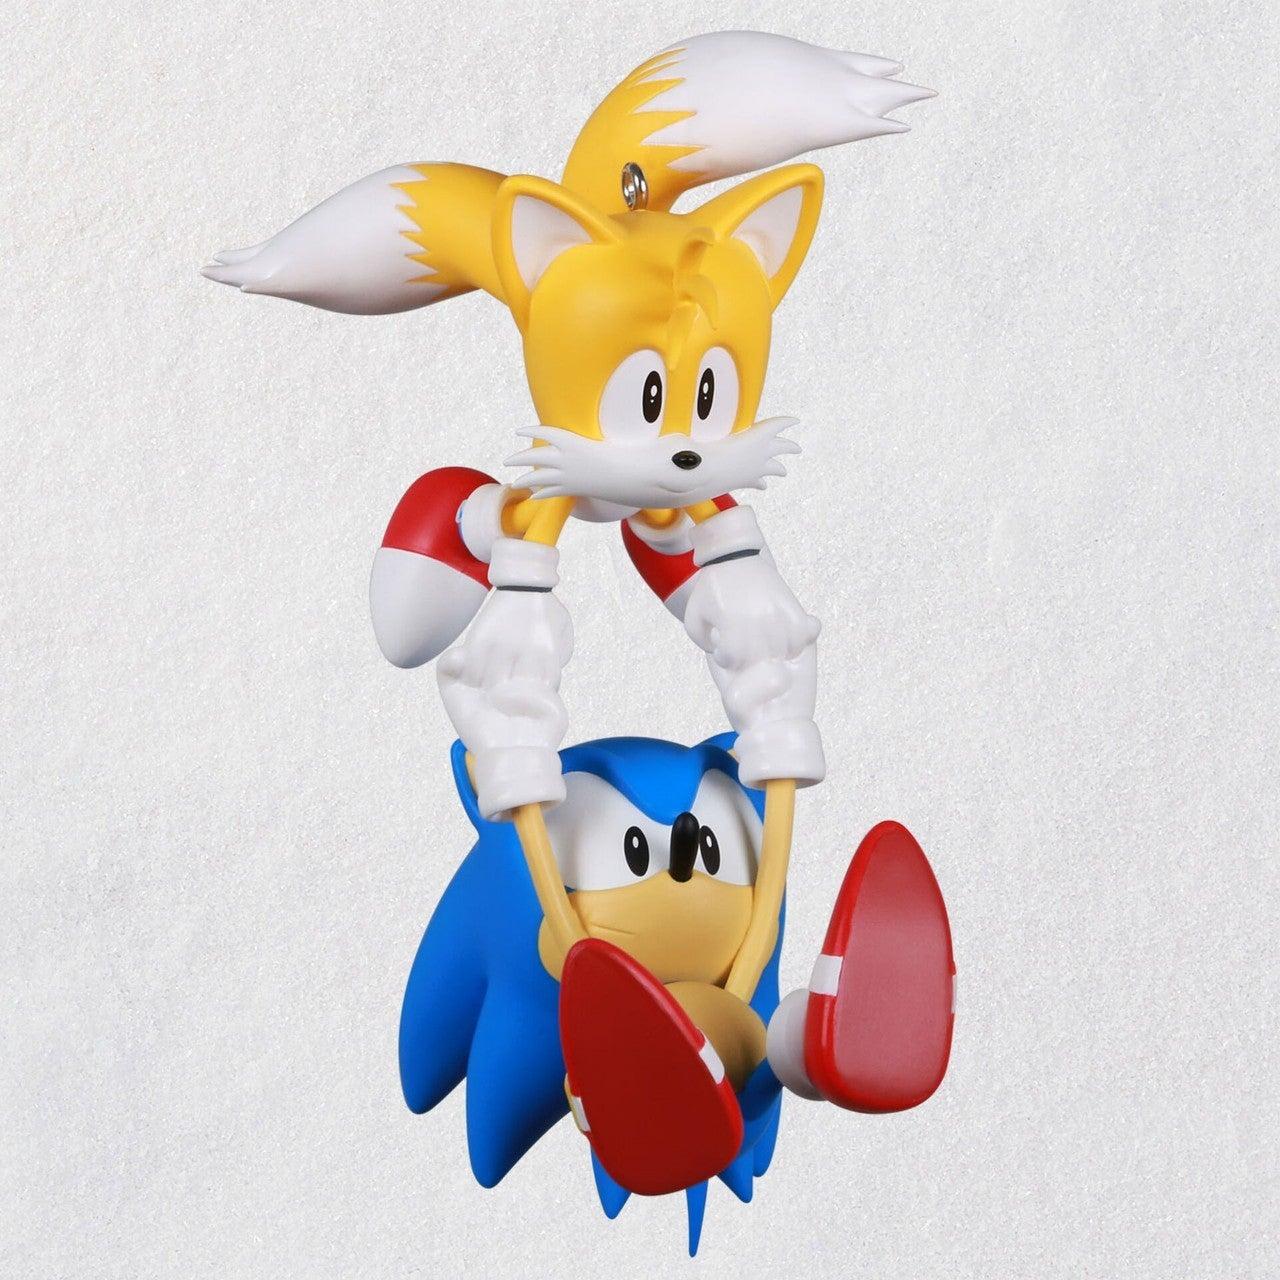 Sonic-the-Hedgehog-Sonic - & - Schwanz-Andenken-Ornament_1999QXI7432_01